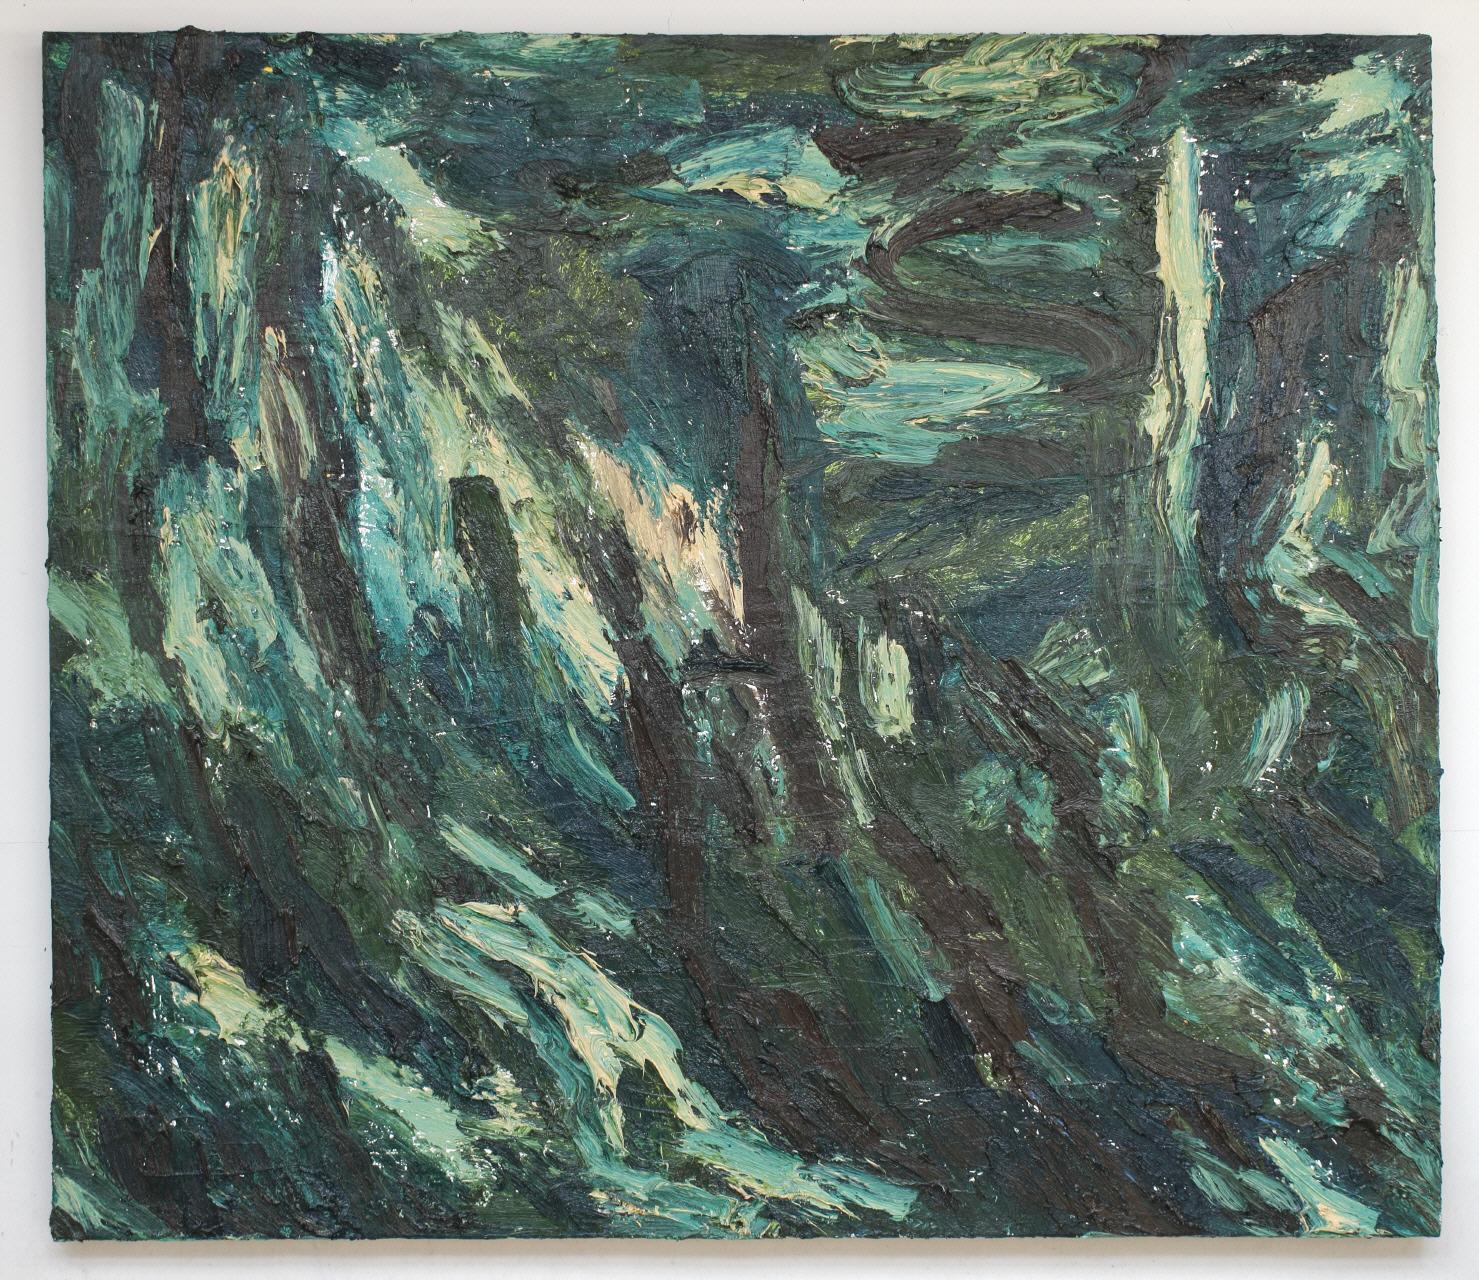 Jan de Beus | Naxos - Olieverf op doek